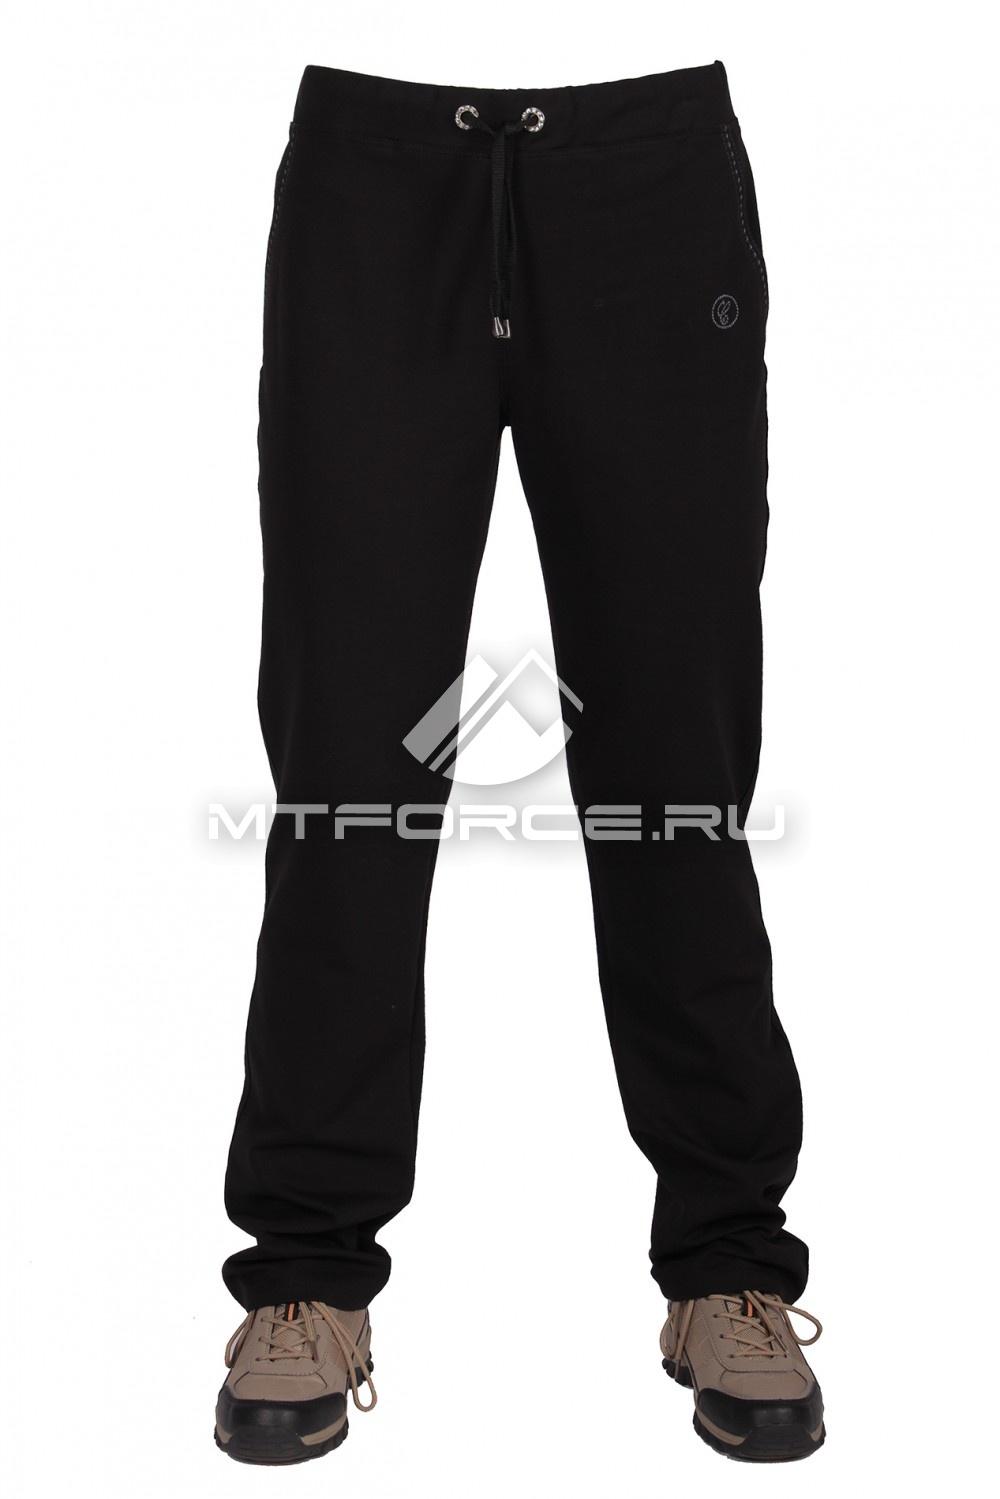 Купить                                  оптом Брюки трикотажные женские большого размера черного цвета 055Ch в Санкт-Петербурге